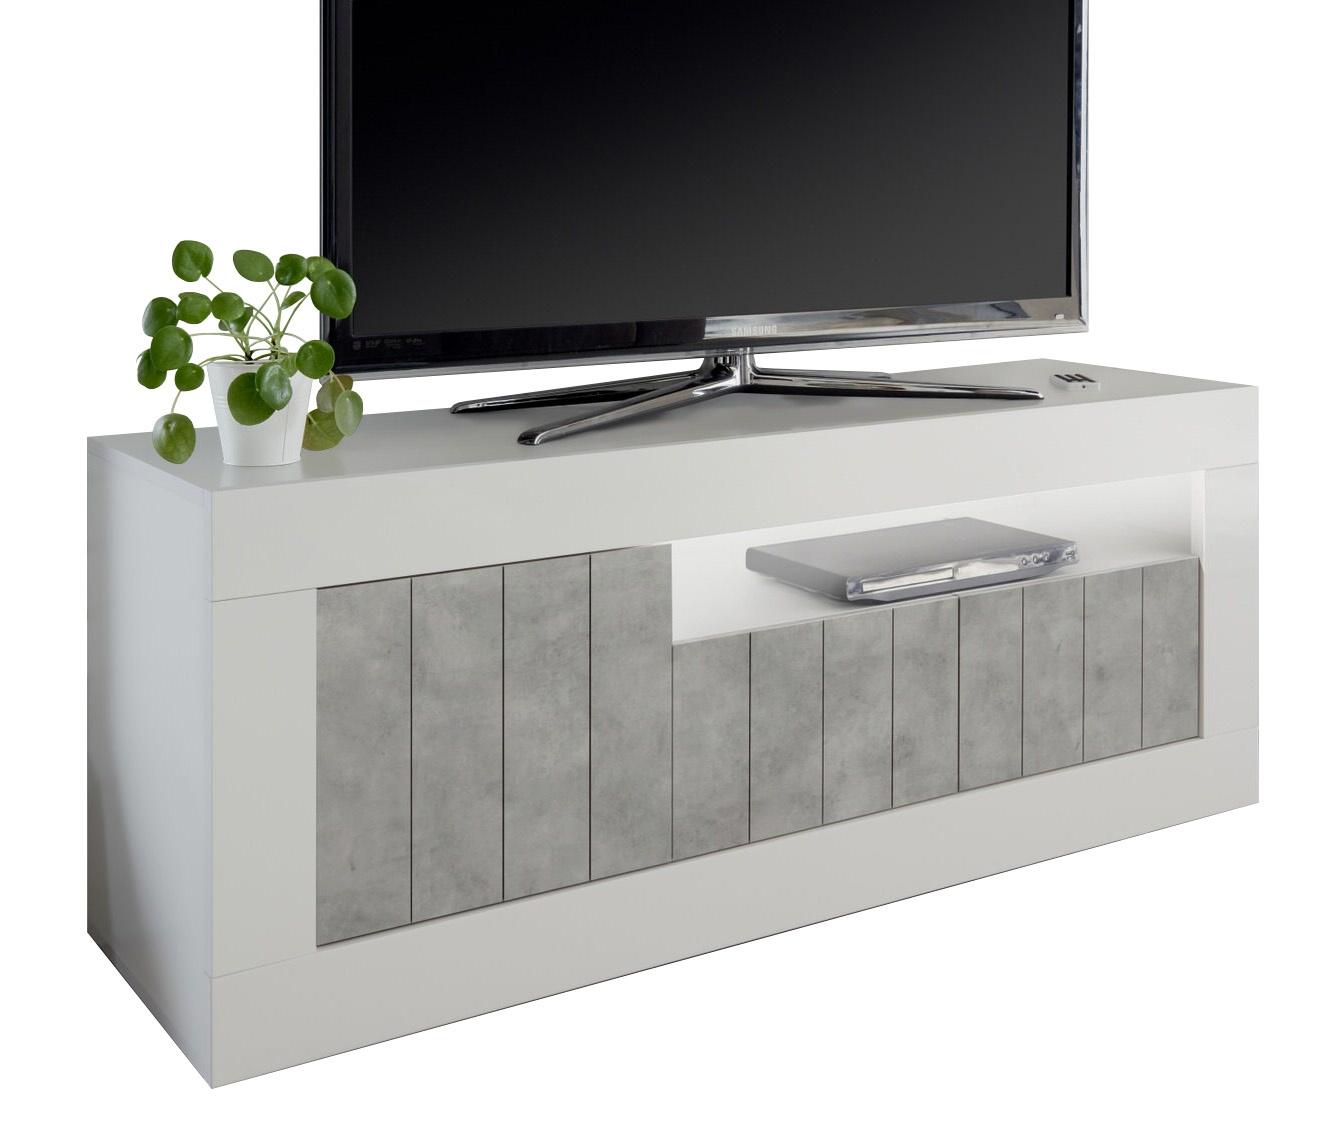 Tv-meubel Urbino 138 cm breed in hoogglans wit met grijs beton